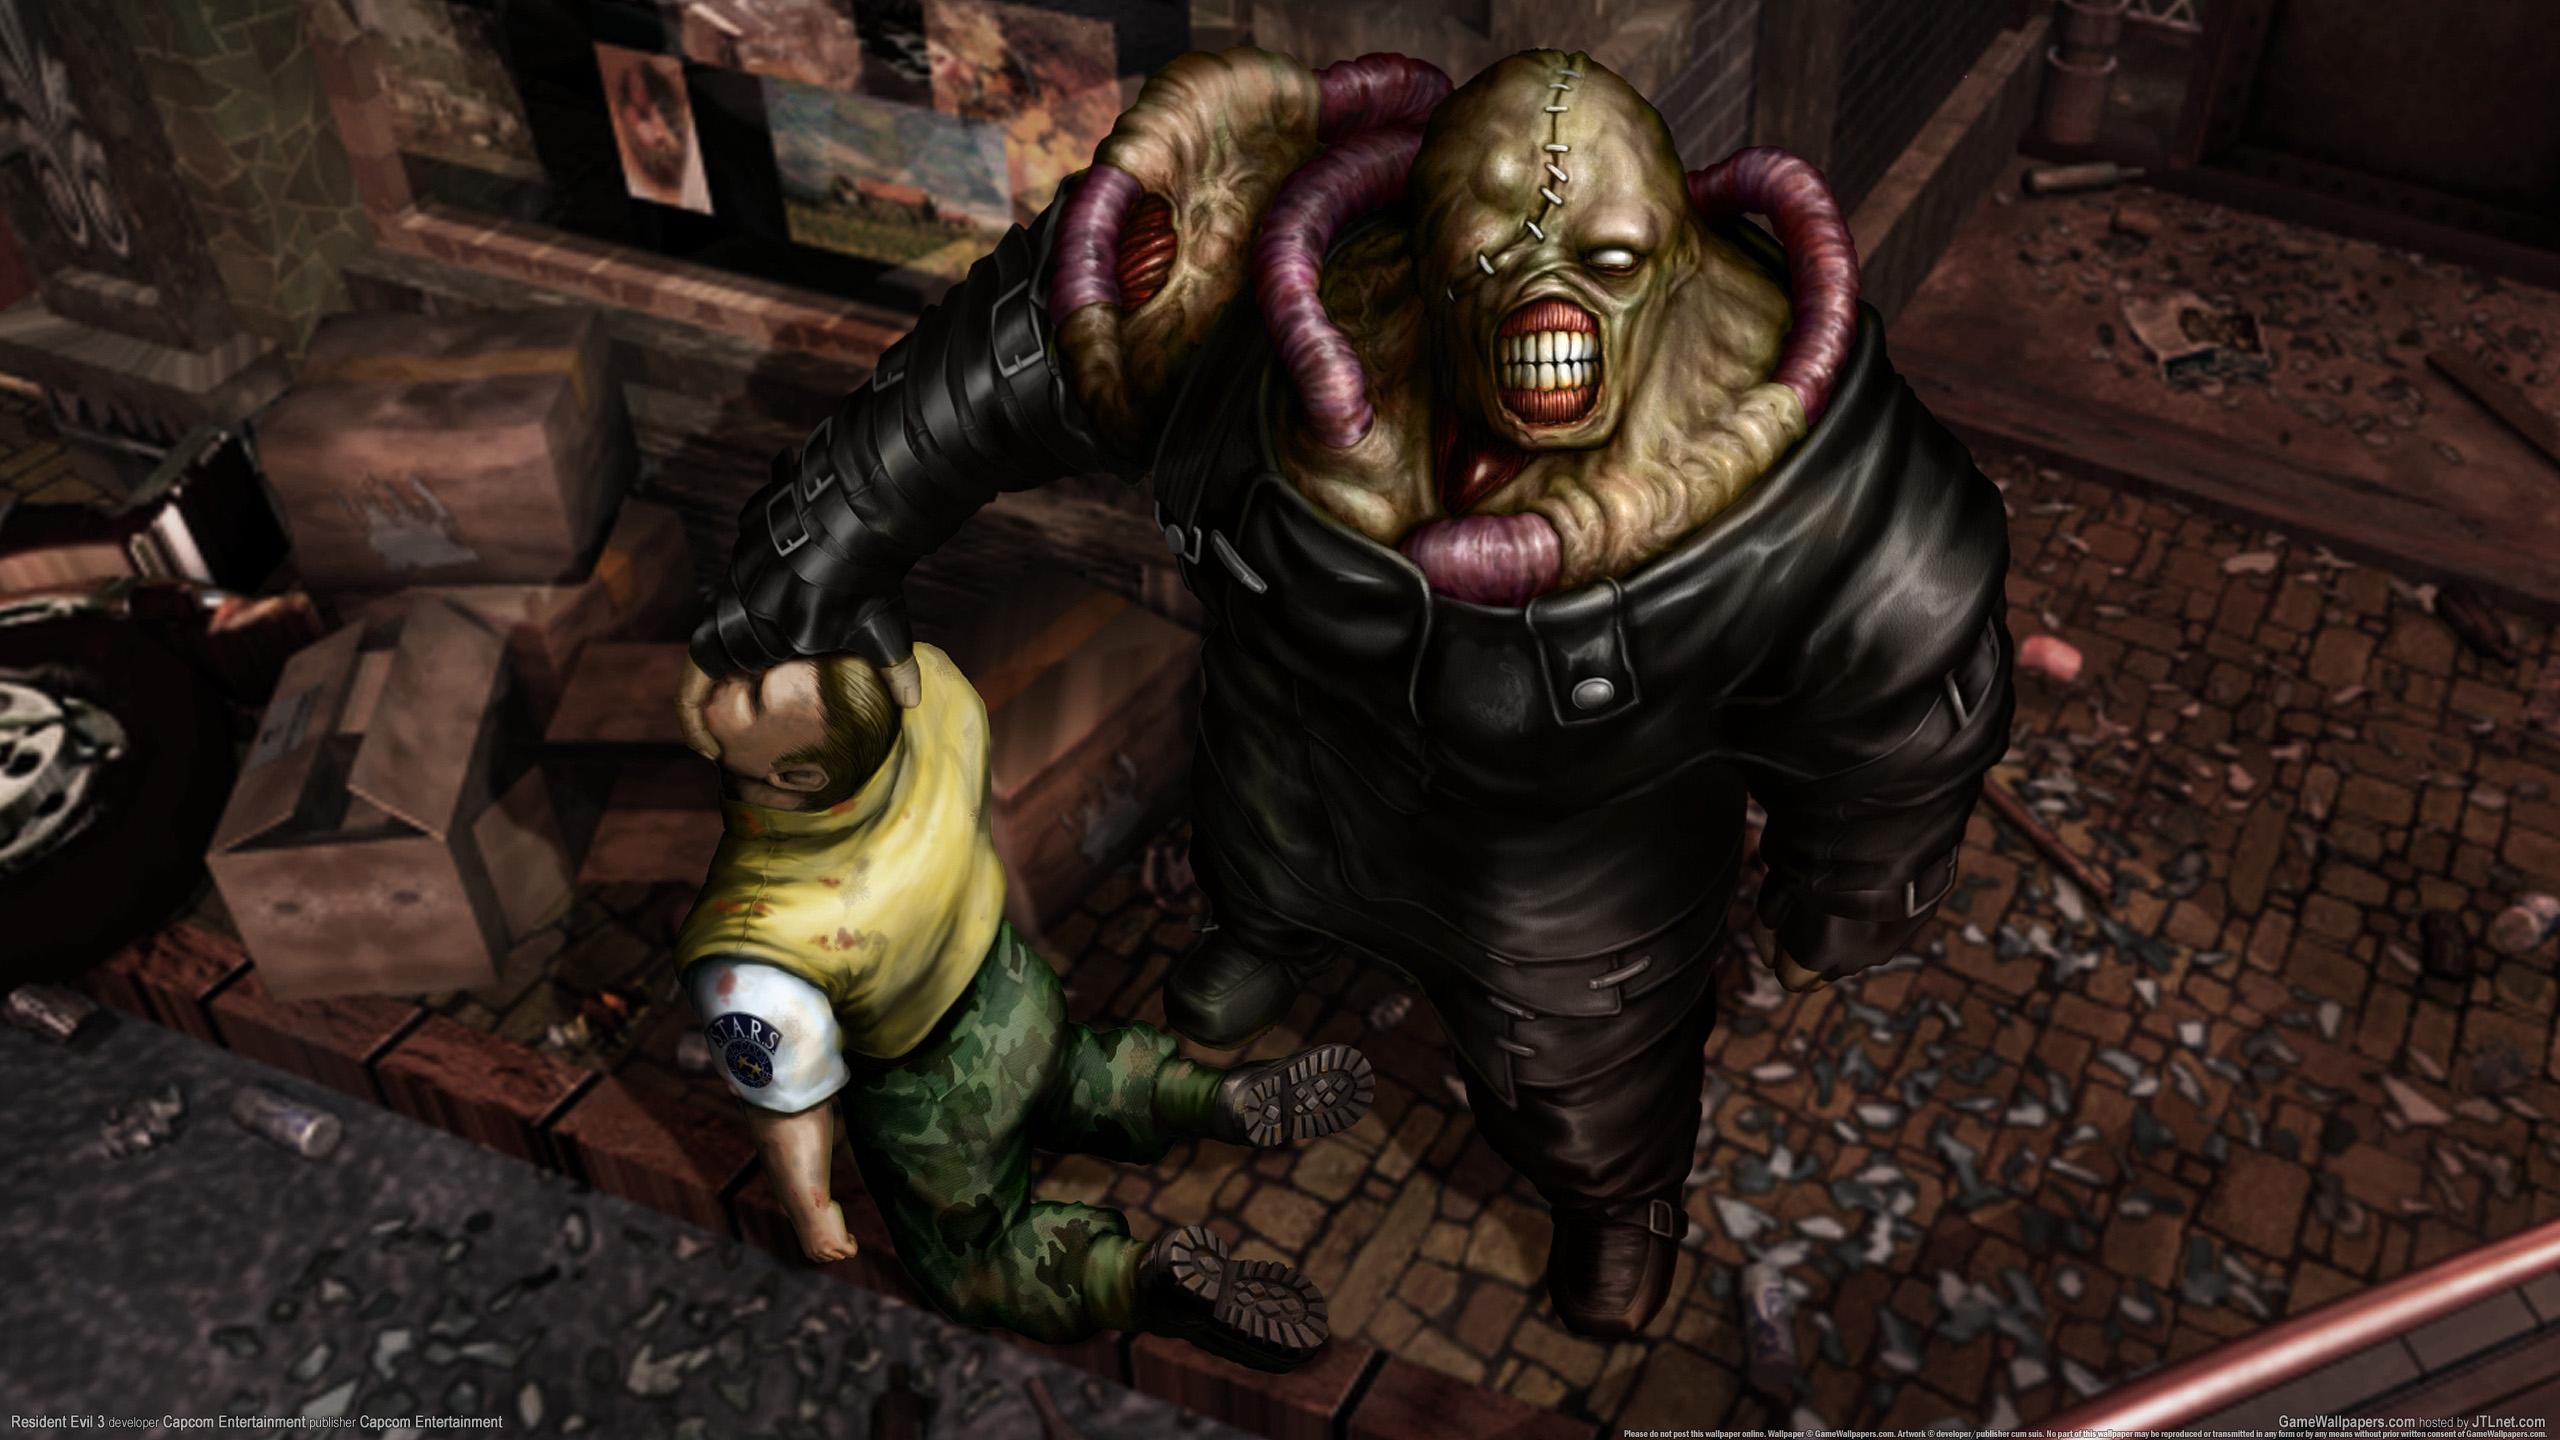 Resident Evil 3 Wallpaper 05 2560x1440